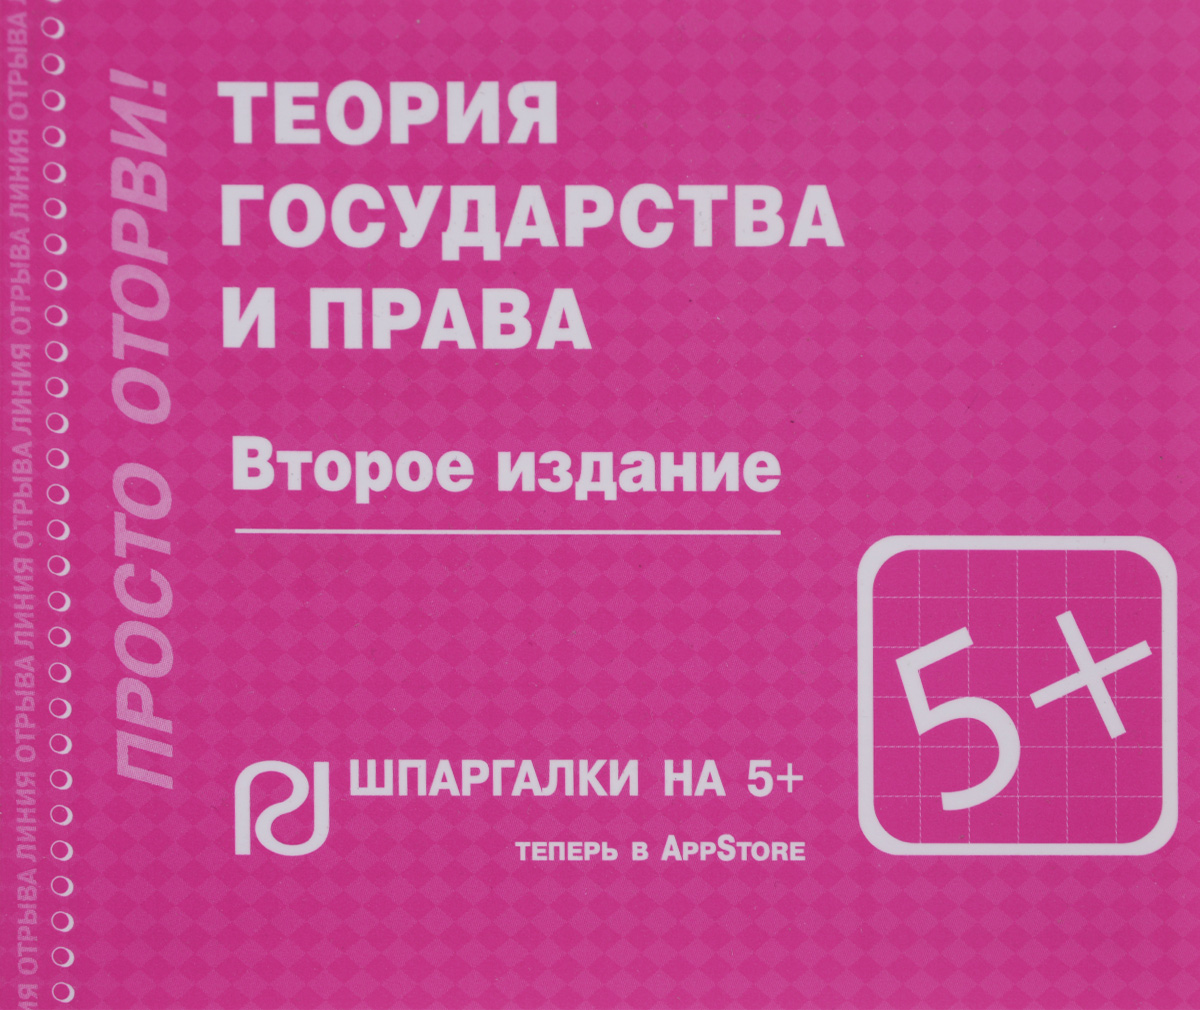 Теория государства и права. Шпаргалка шпаргалка по истории государства и права россии isbn 9785437402283